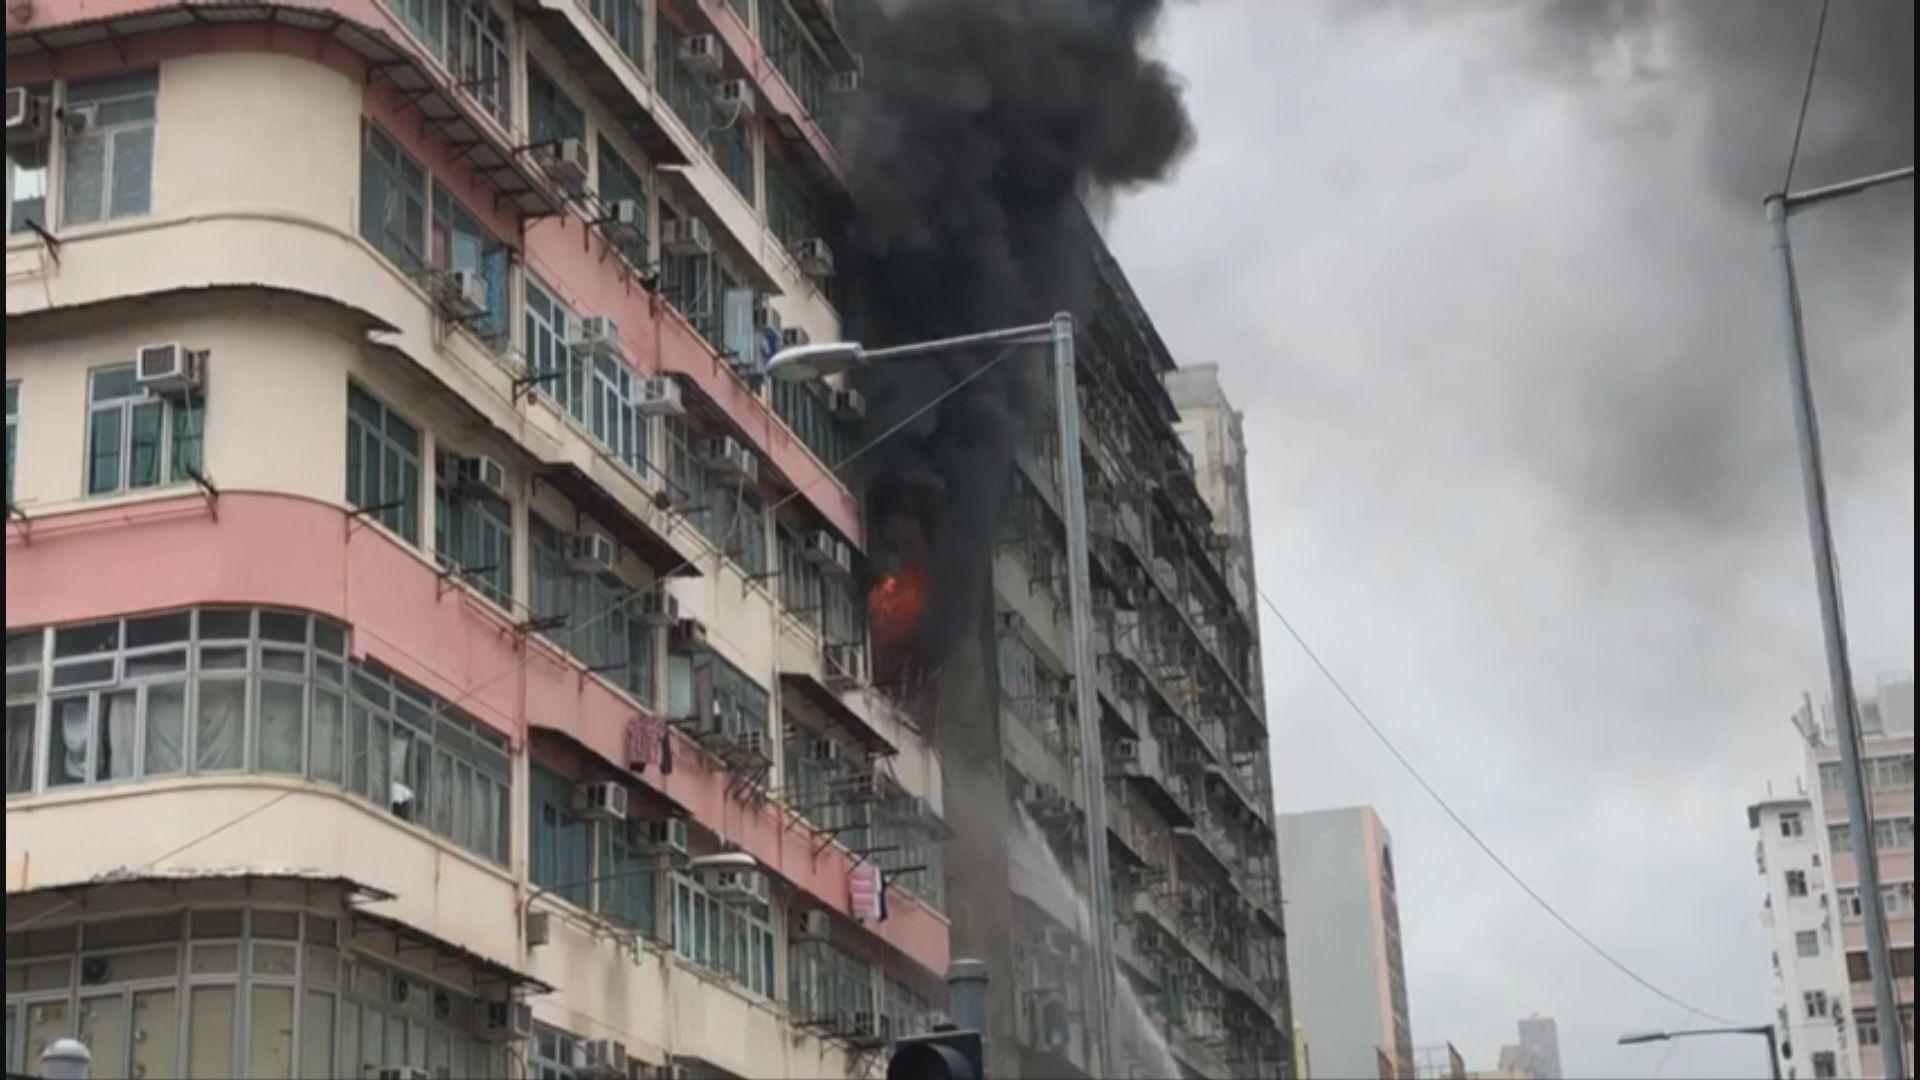 深水埗唐樓火警一度傳出爆炸聲 十名住客疏散無人傷